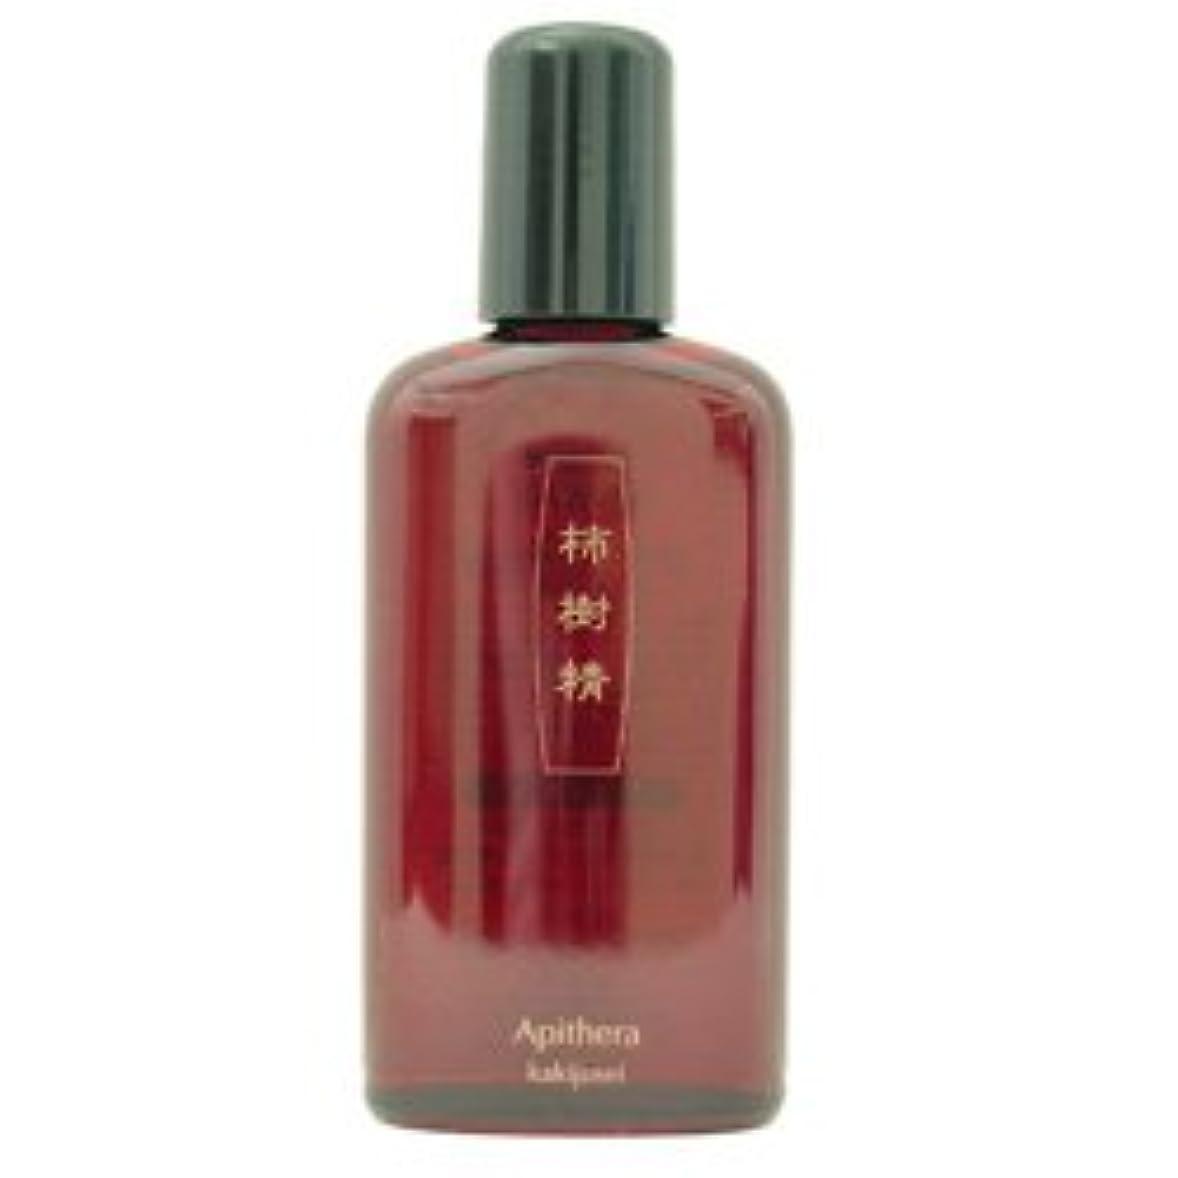 再生ブリッジループ【x4個セット】 資生堂 アピセラ 柿樹精 120ml 育毛剤